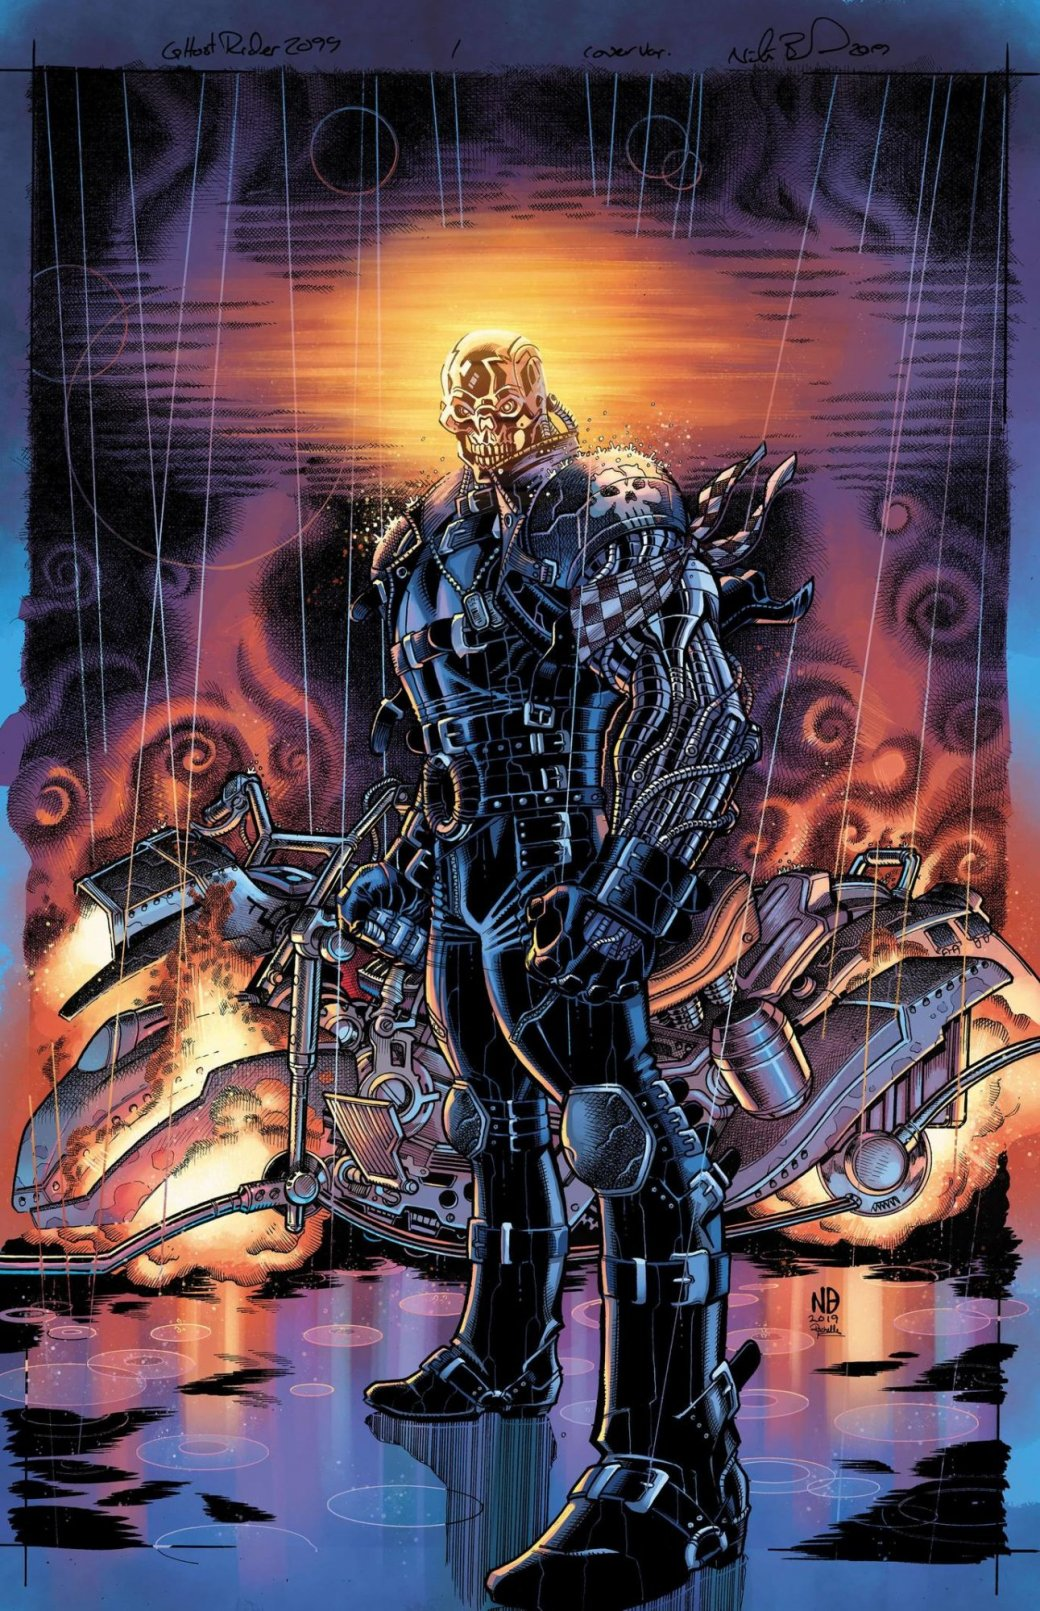 Кибернетический Локи вженском обличие иСорвиголова слазерным оружием. Новые обложки Marvel 2099